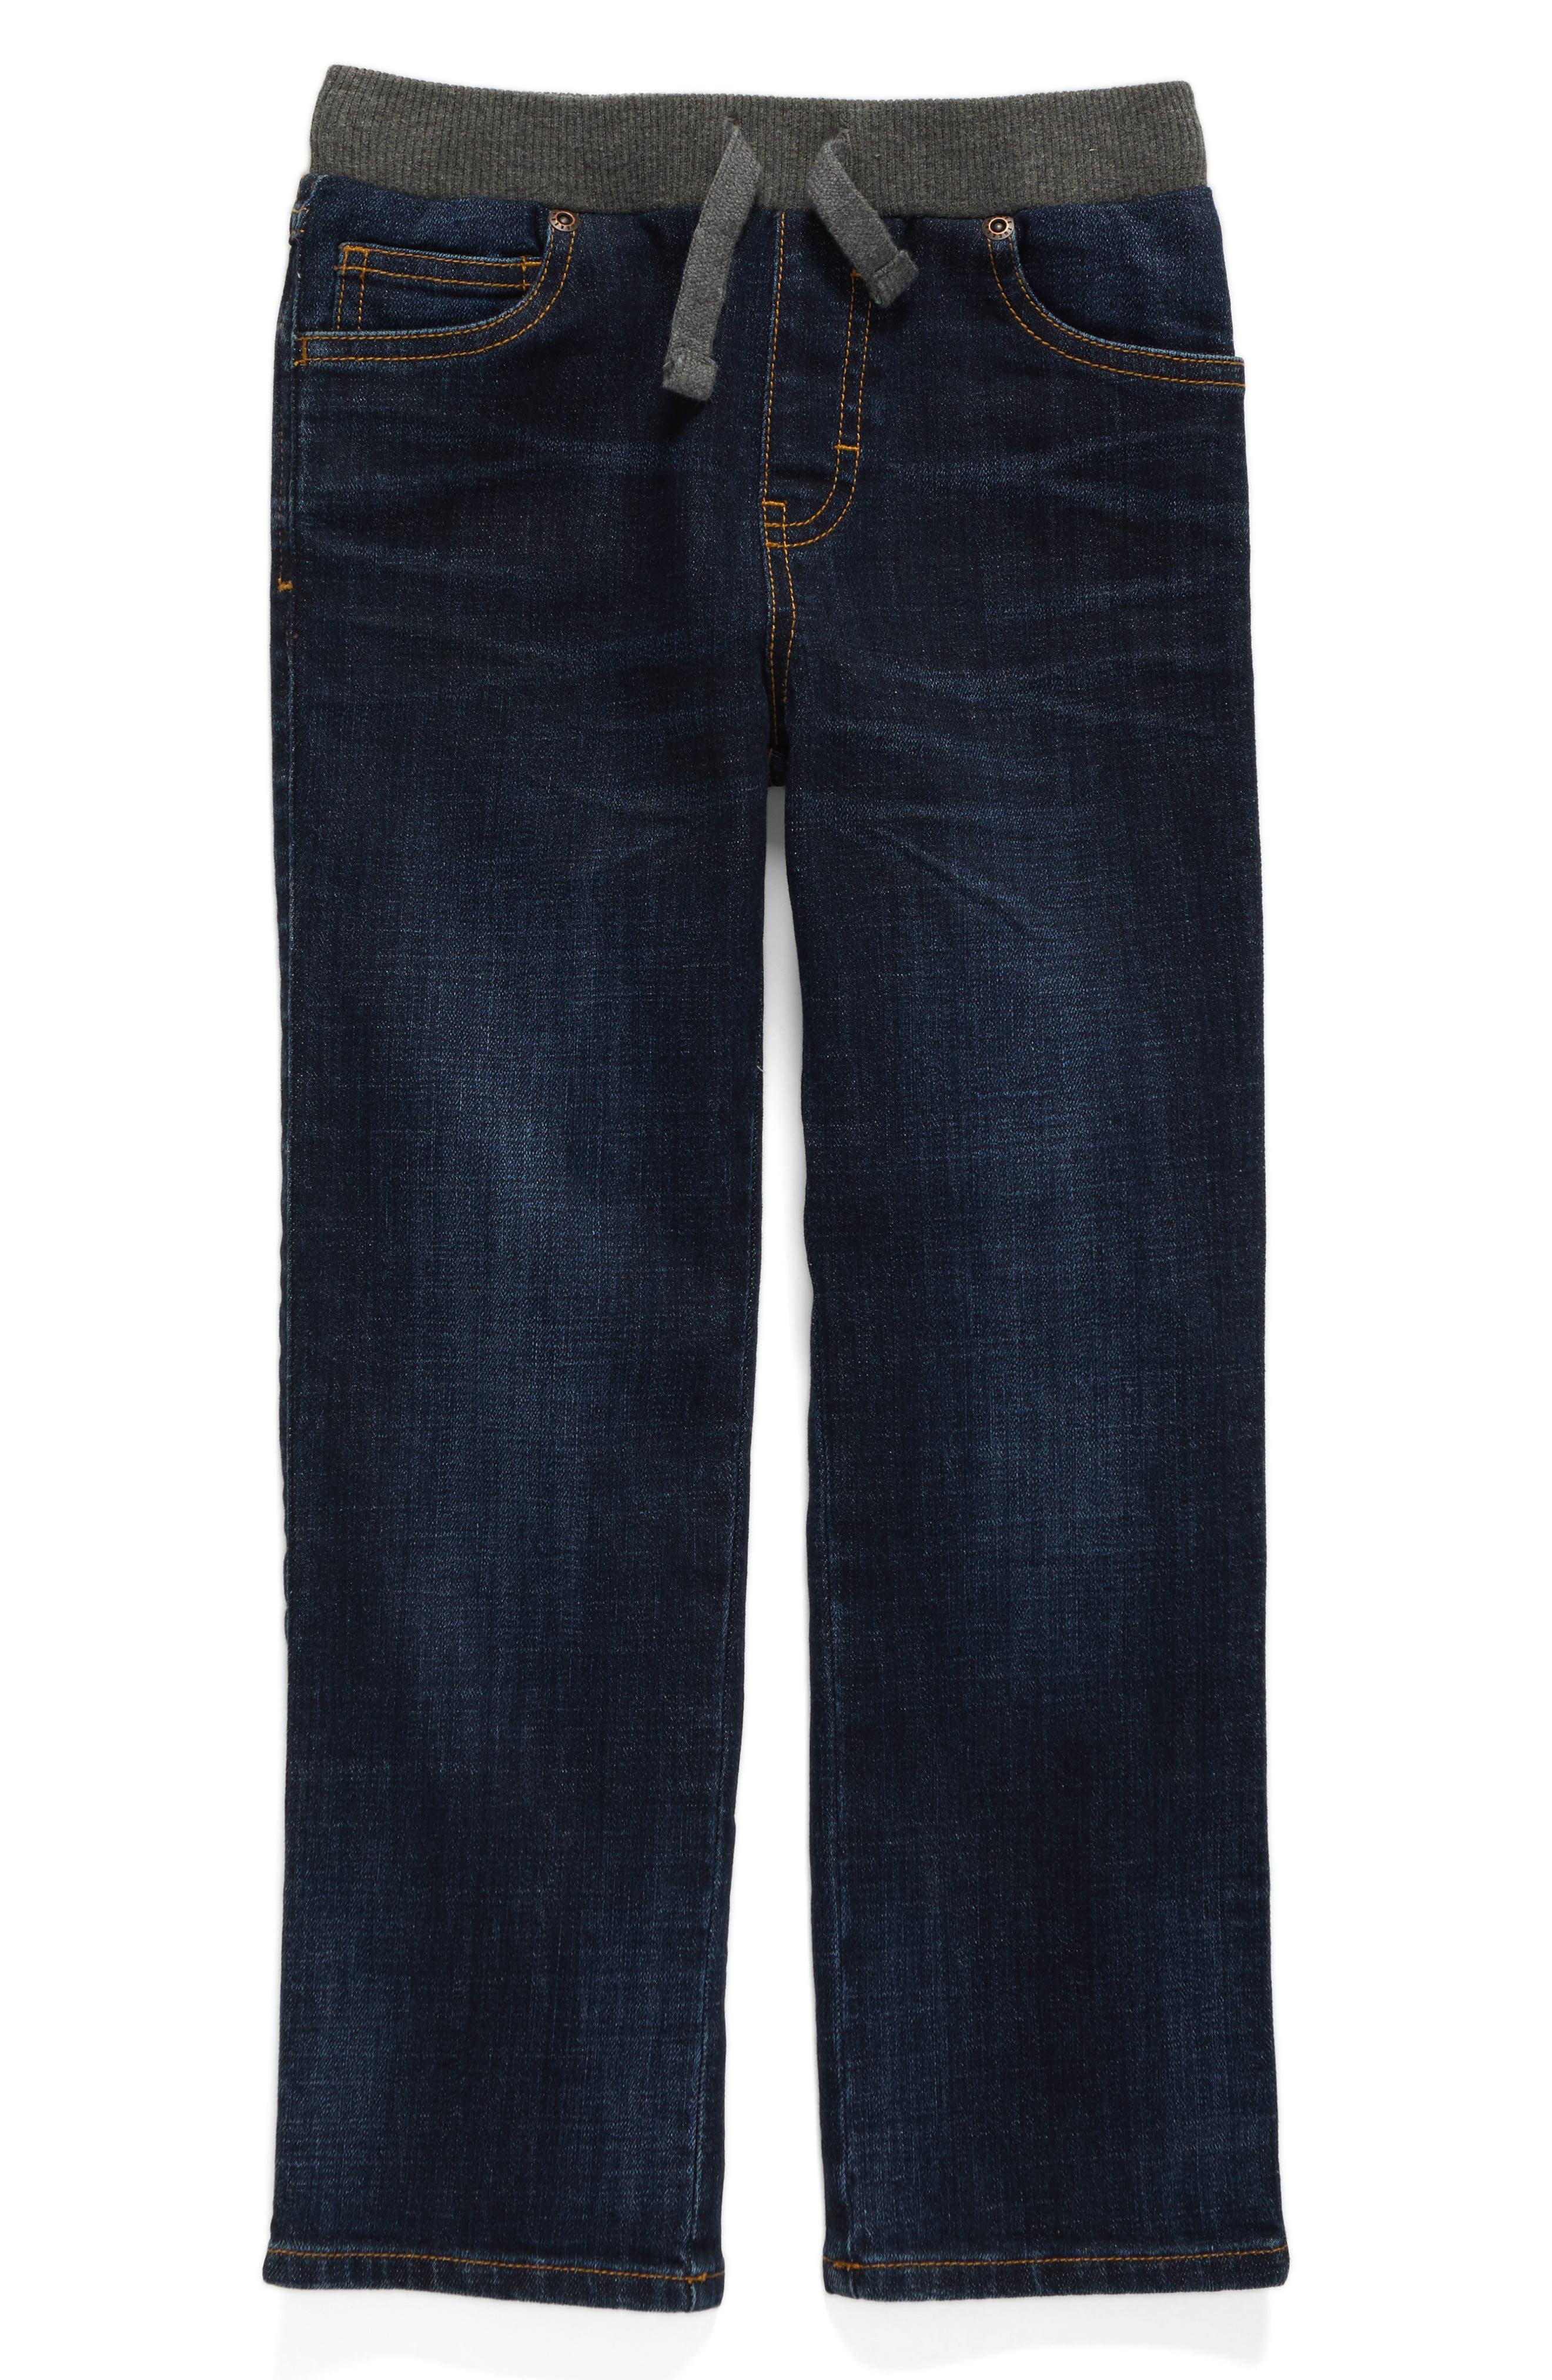 Main Image - Tucker + Tate Straight Leg Jeans (Toddler Boys & Little Boys)